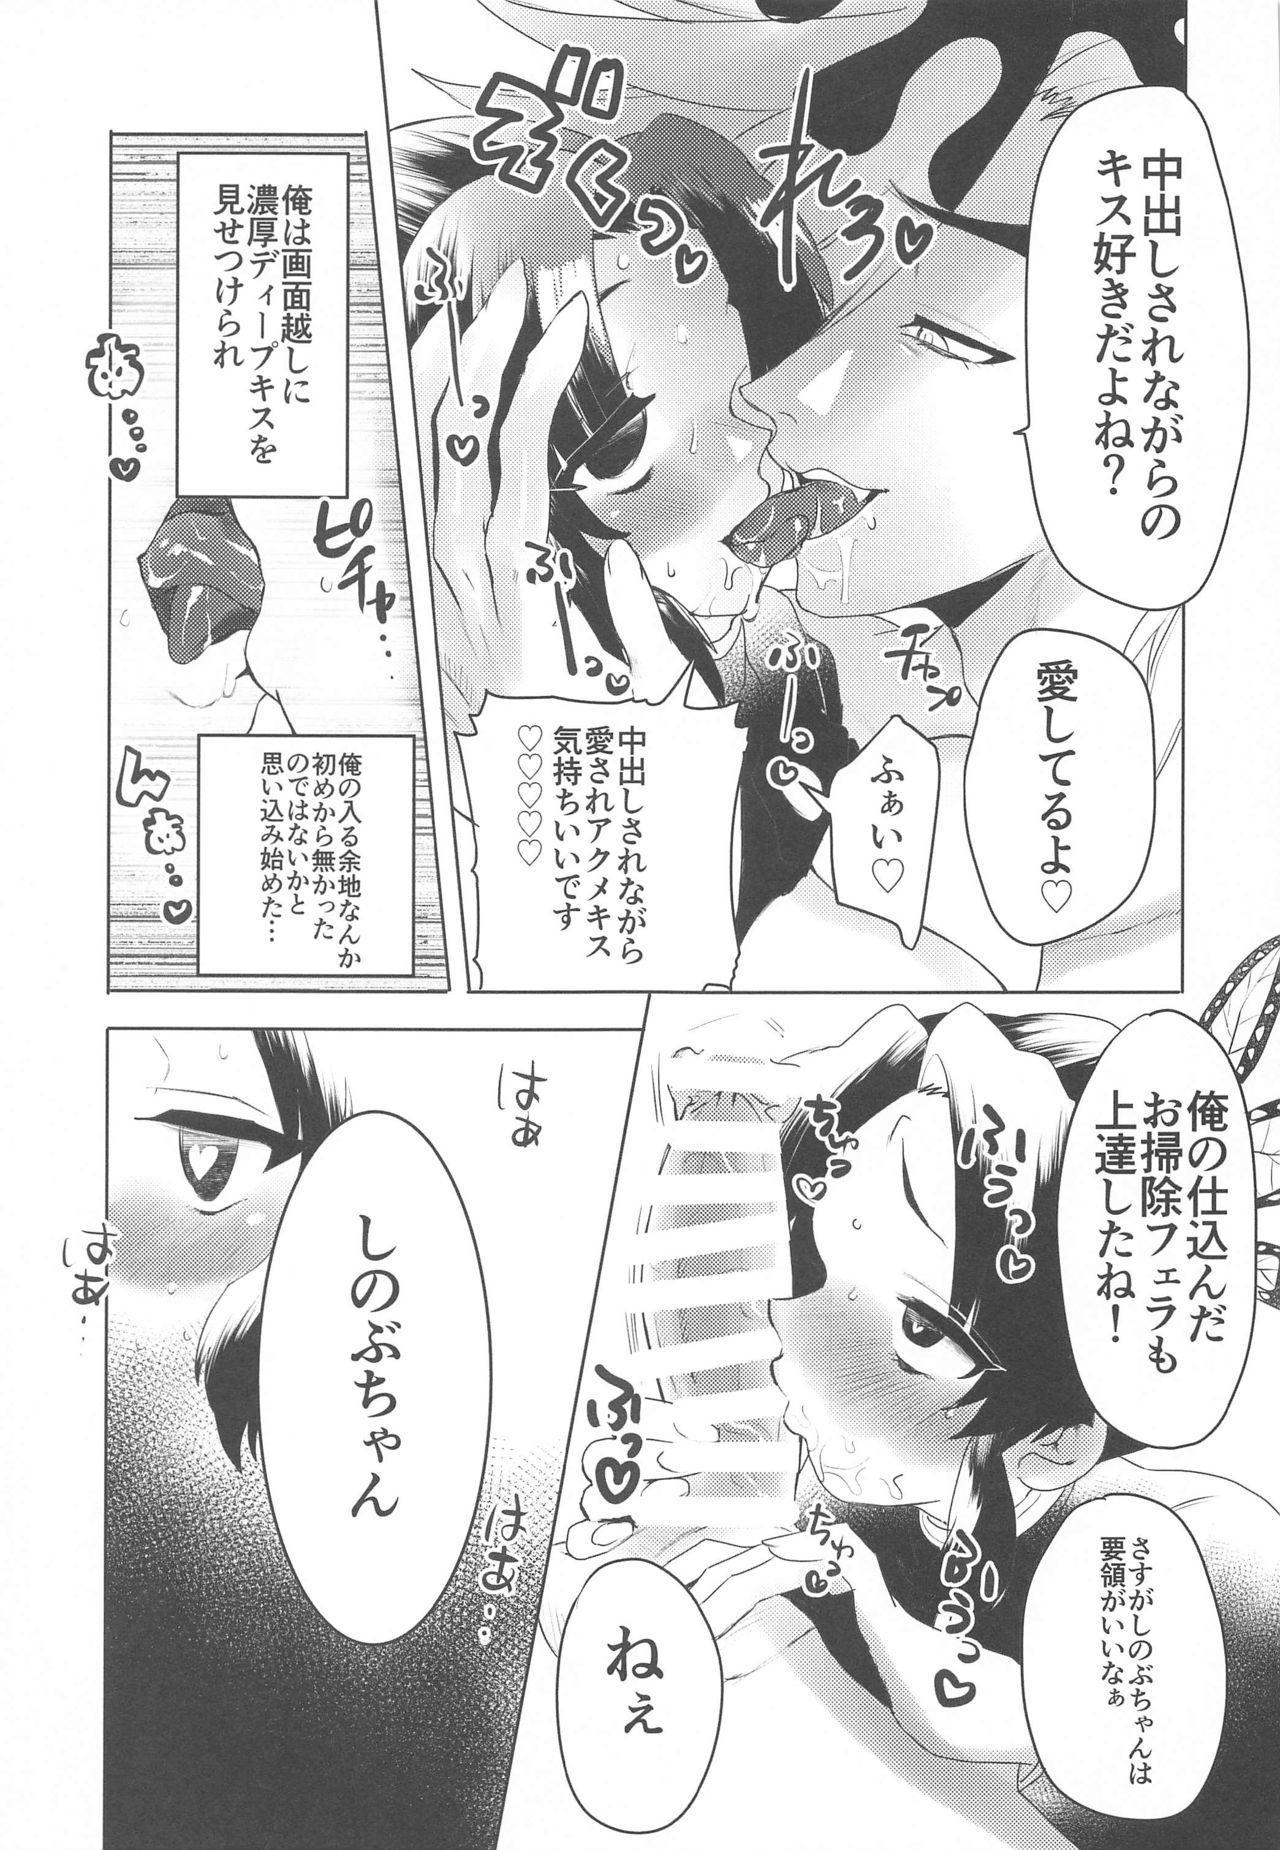 Watashi, Kono Hito ni Otosaremashita. 15